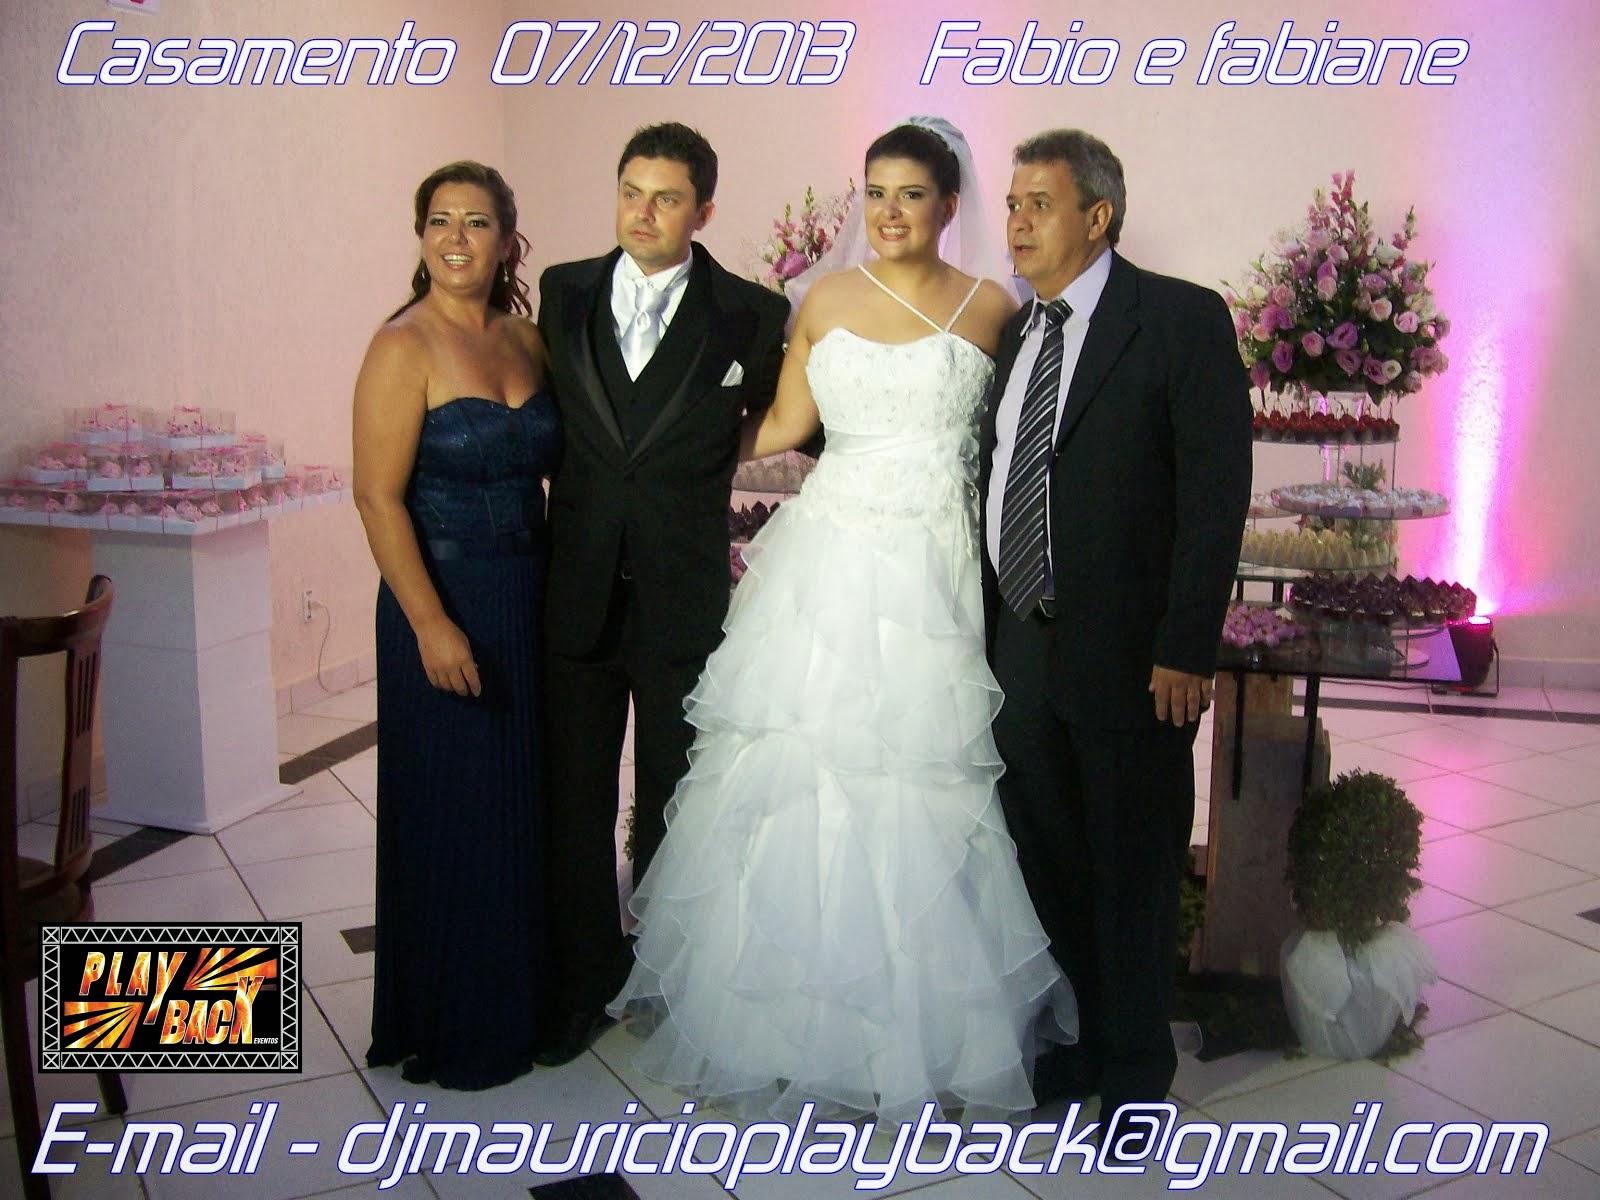 Fabiane e Fabio Casamento